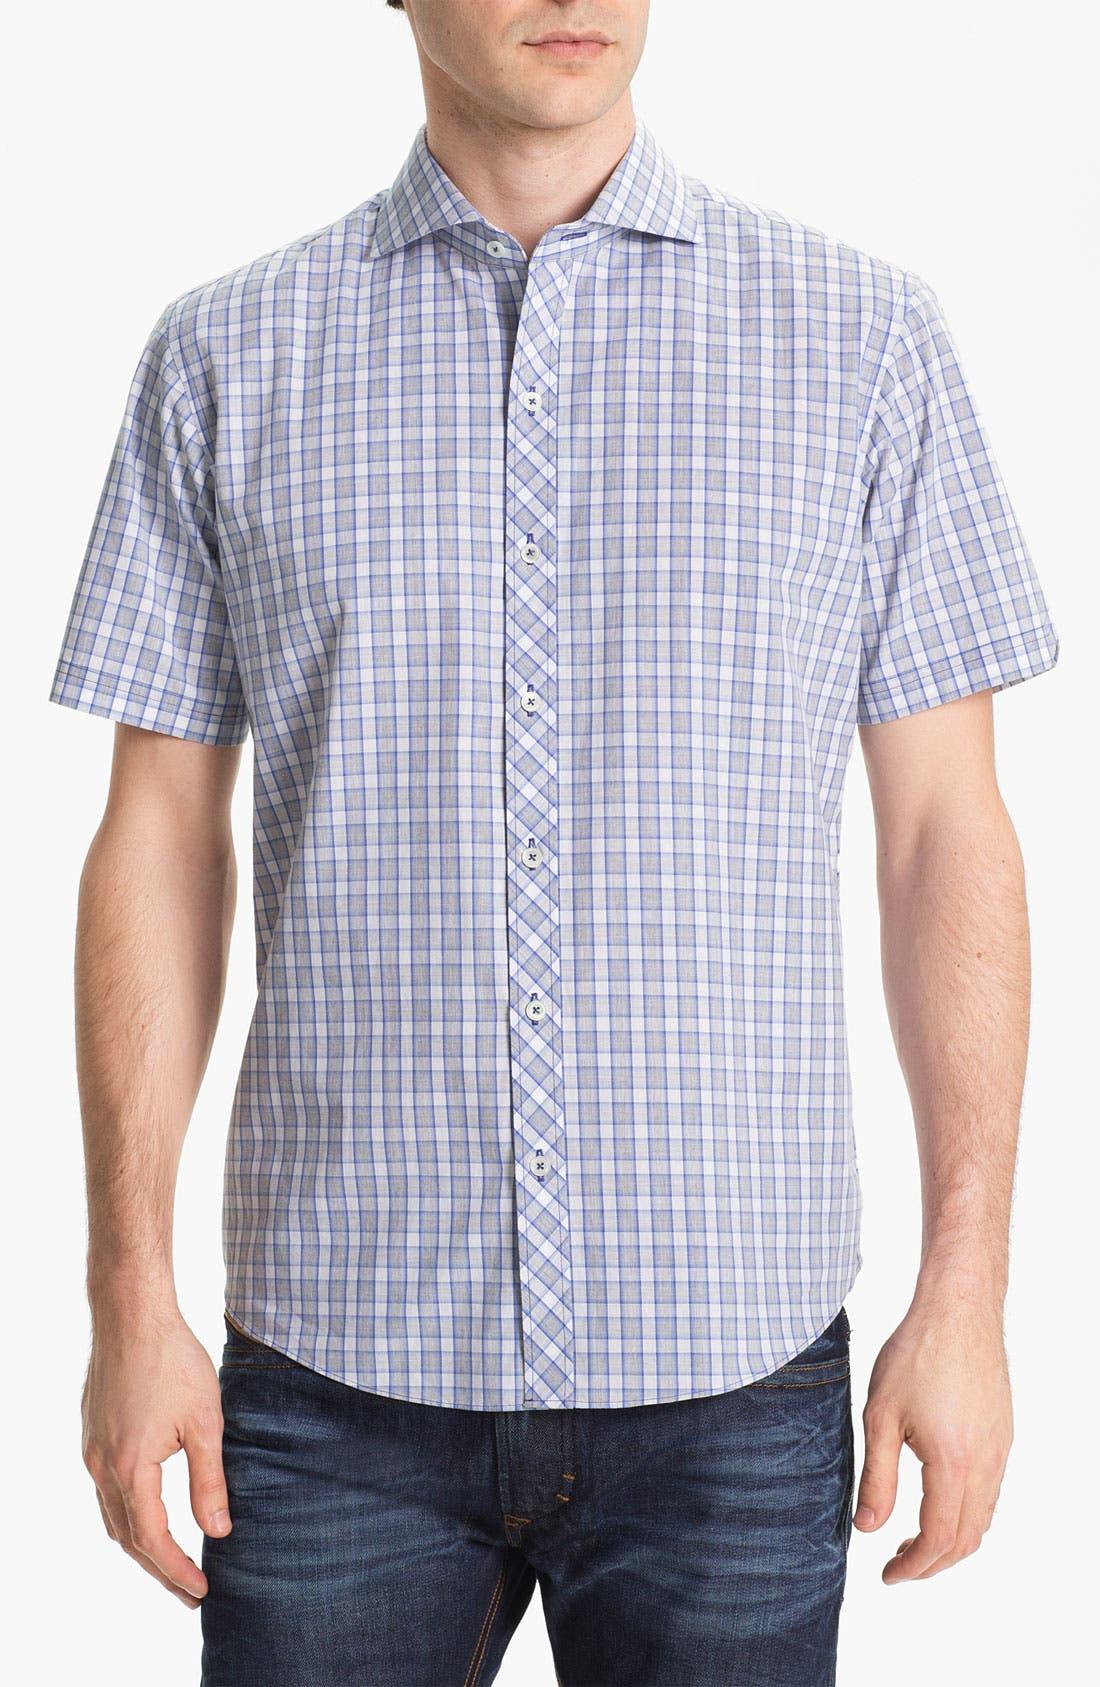 Alternate Image 1 Selected - Zachary Prell 'Vela' Short Sleeve Sport Shirt